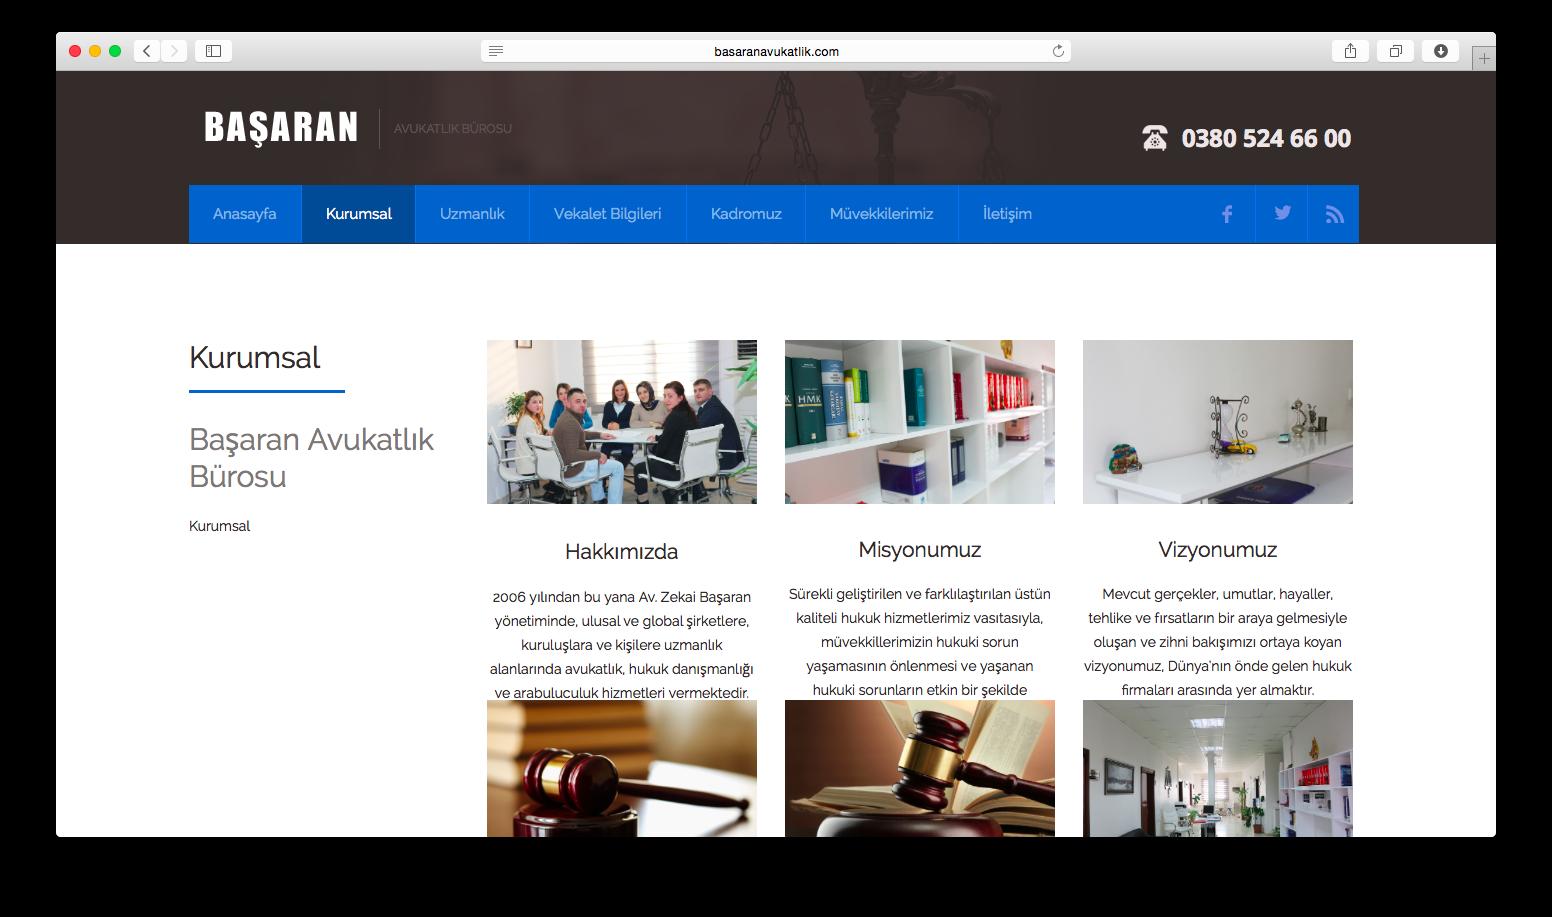 Başaran Avukatlık Bürosu